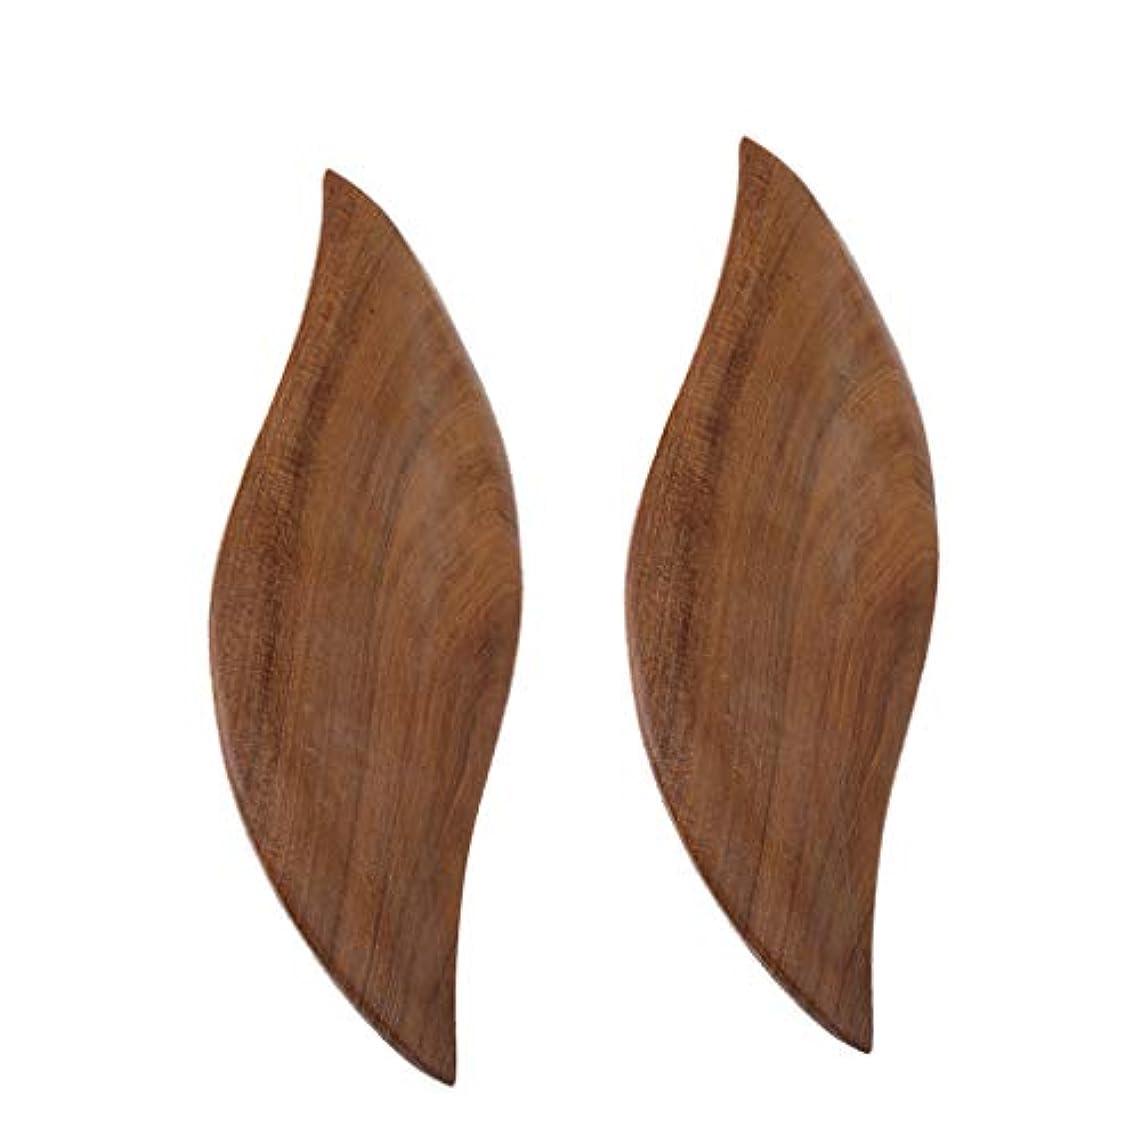 充電入射アライメント2枚 かっさプレート 木製 ボード ボディーケア 葉の形 便利